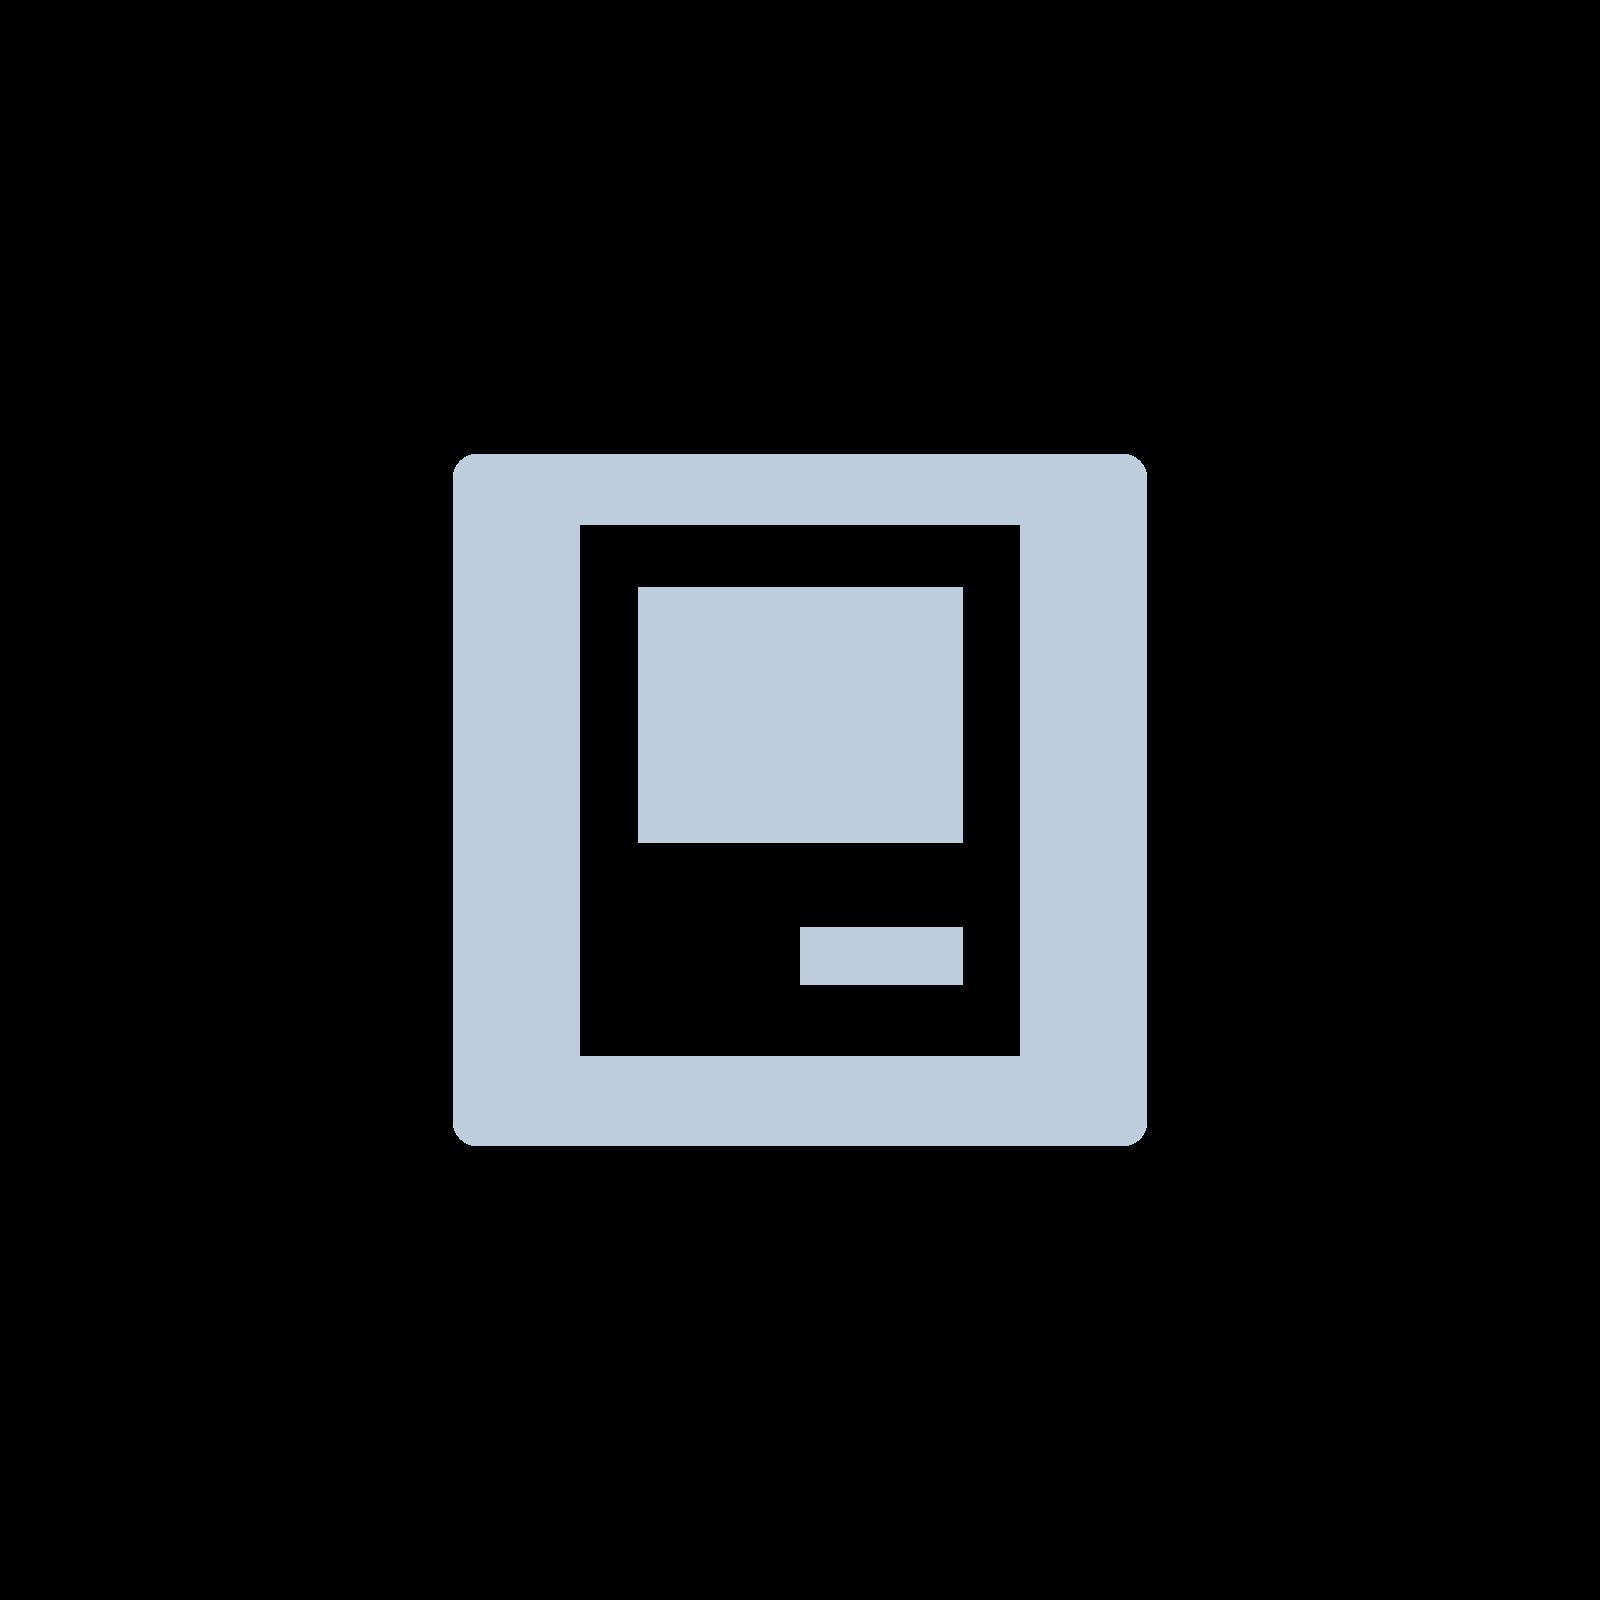 Mac mini Core i5 2.5 GHz (Macmini5,2, 500GB HDD, 4GB)